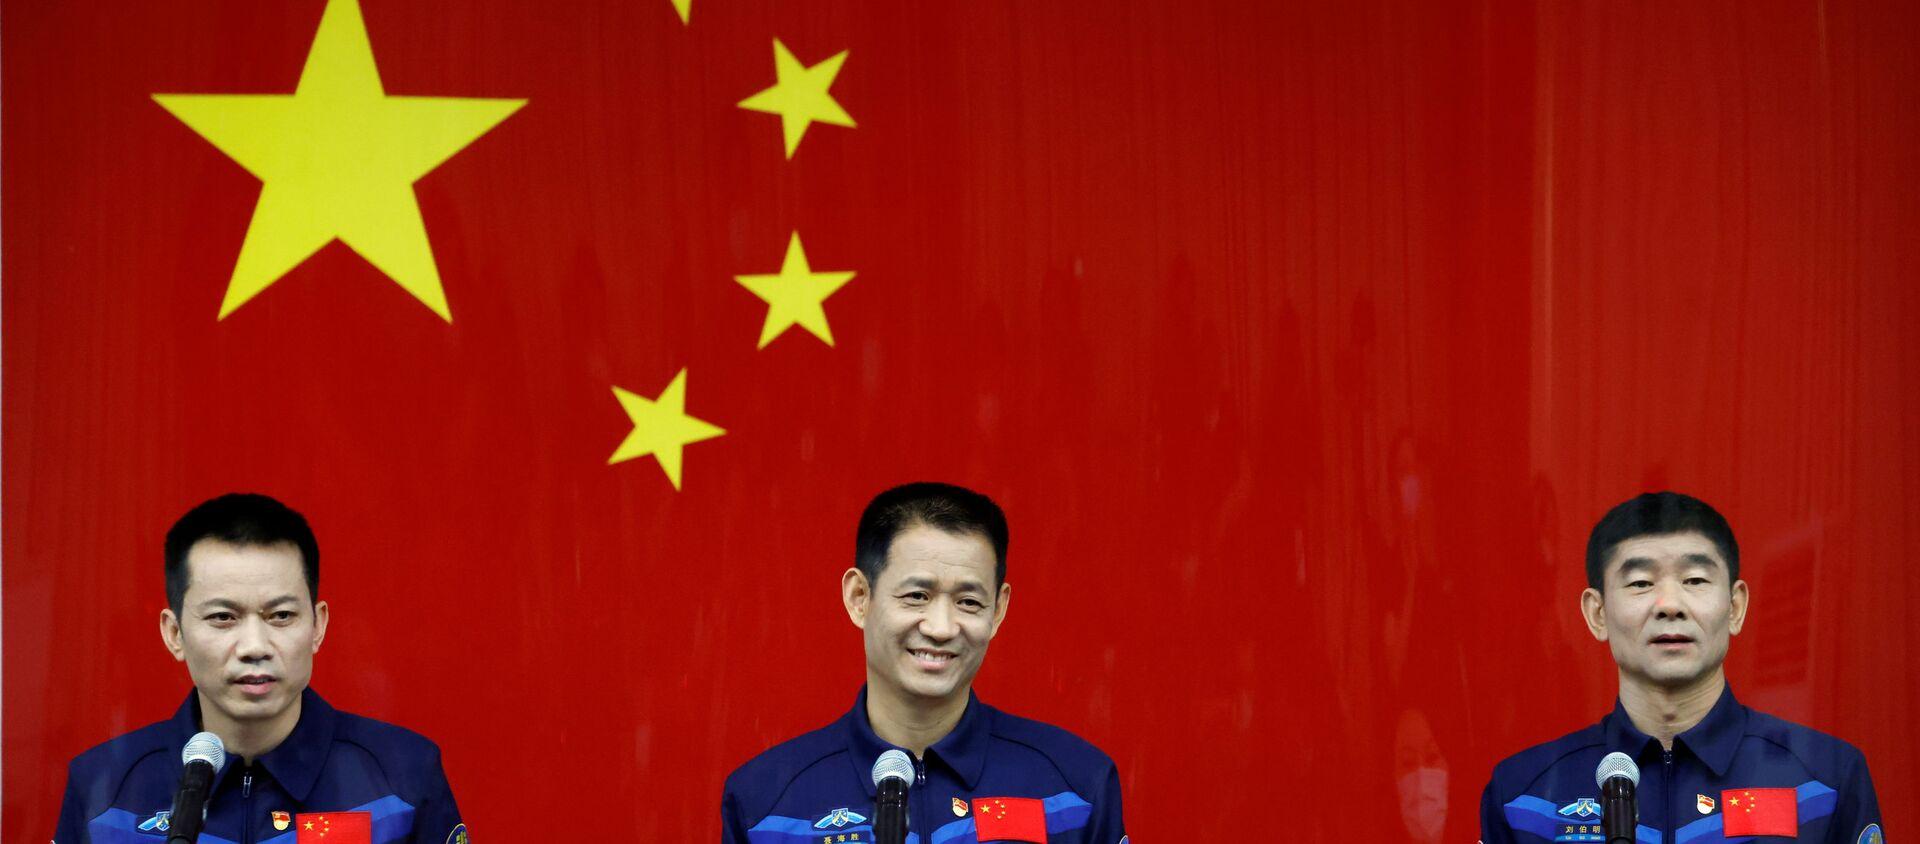 Çin, Dünya'nın yörüngesinde kurmaya başladığı uzay istasyonuna göndereceği taykonotları (Çinli astronot) taşıyacak olan insanlı uzay aracı Shenzhou-12'nin, Long March-5Y roketi ile bu gece fırlatılması planlanıyor. - Sputnik Türkiye, 1920, 17.06.2021